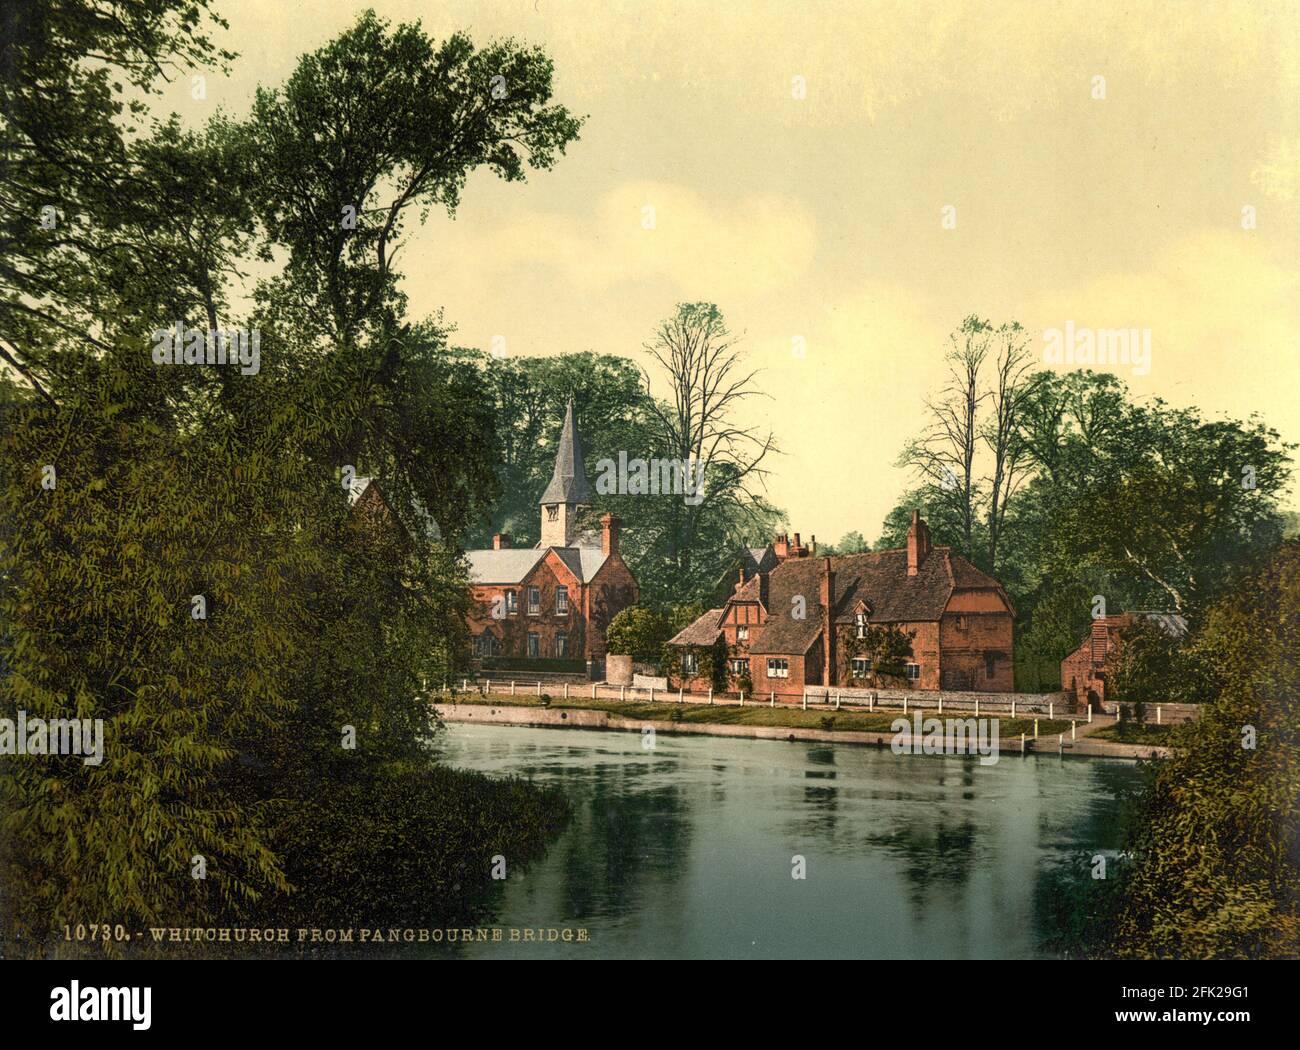 Whitchurch und die Themse in der Stadt von der aus gesehen Die Whitchurch Bridge um 1890-1900 Stockfoto